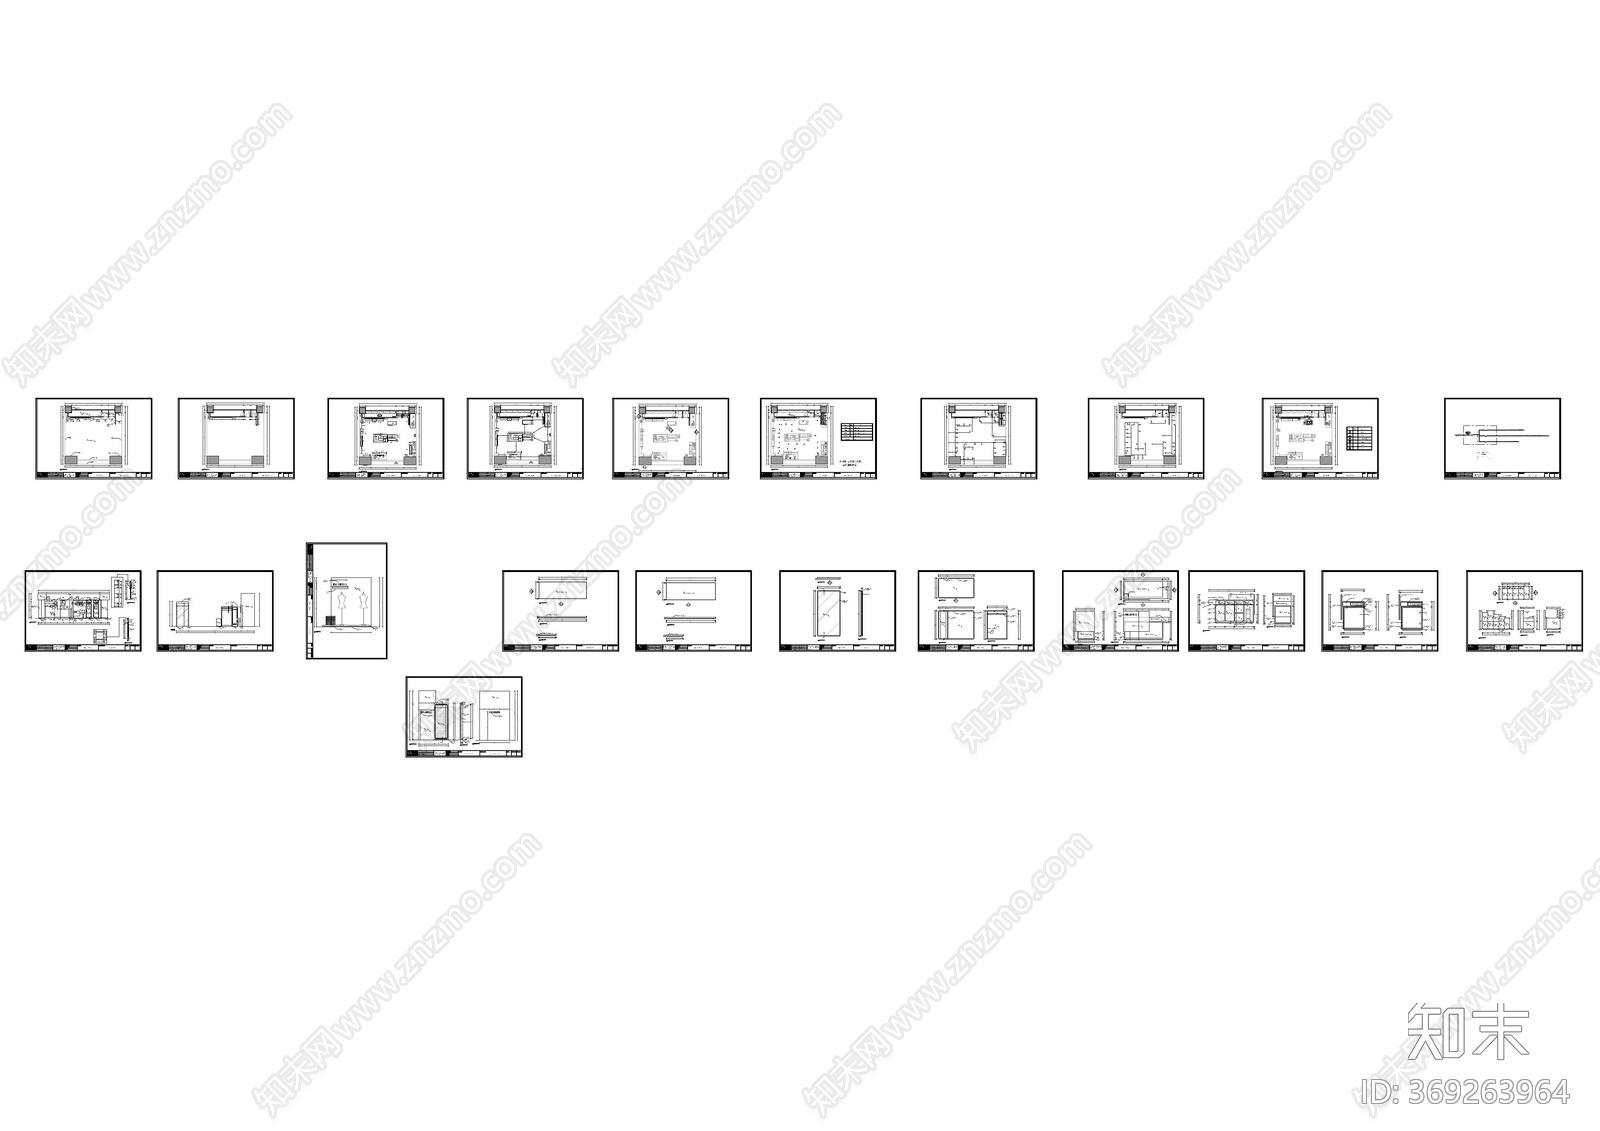 北欧风服装施工图下载【ID:369263964】